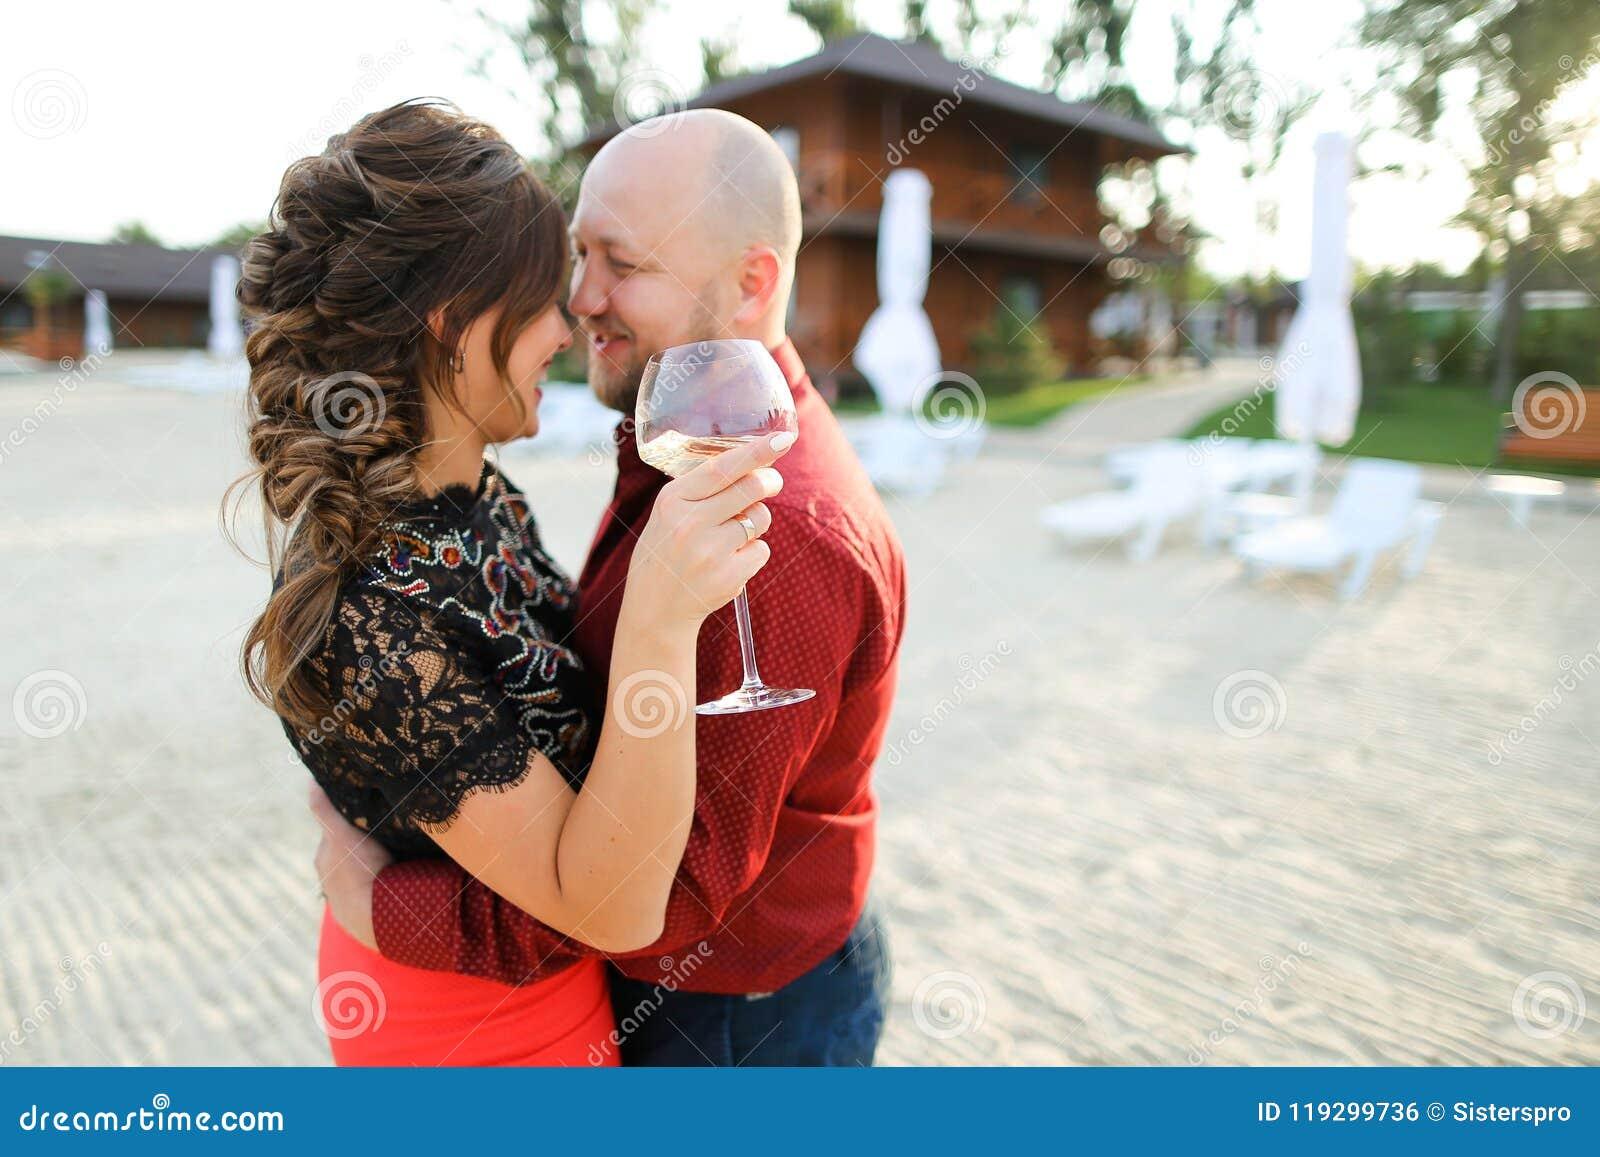 Echtgenoot die met vrouw dansen die glas wijn op binnenplaats houden